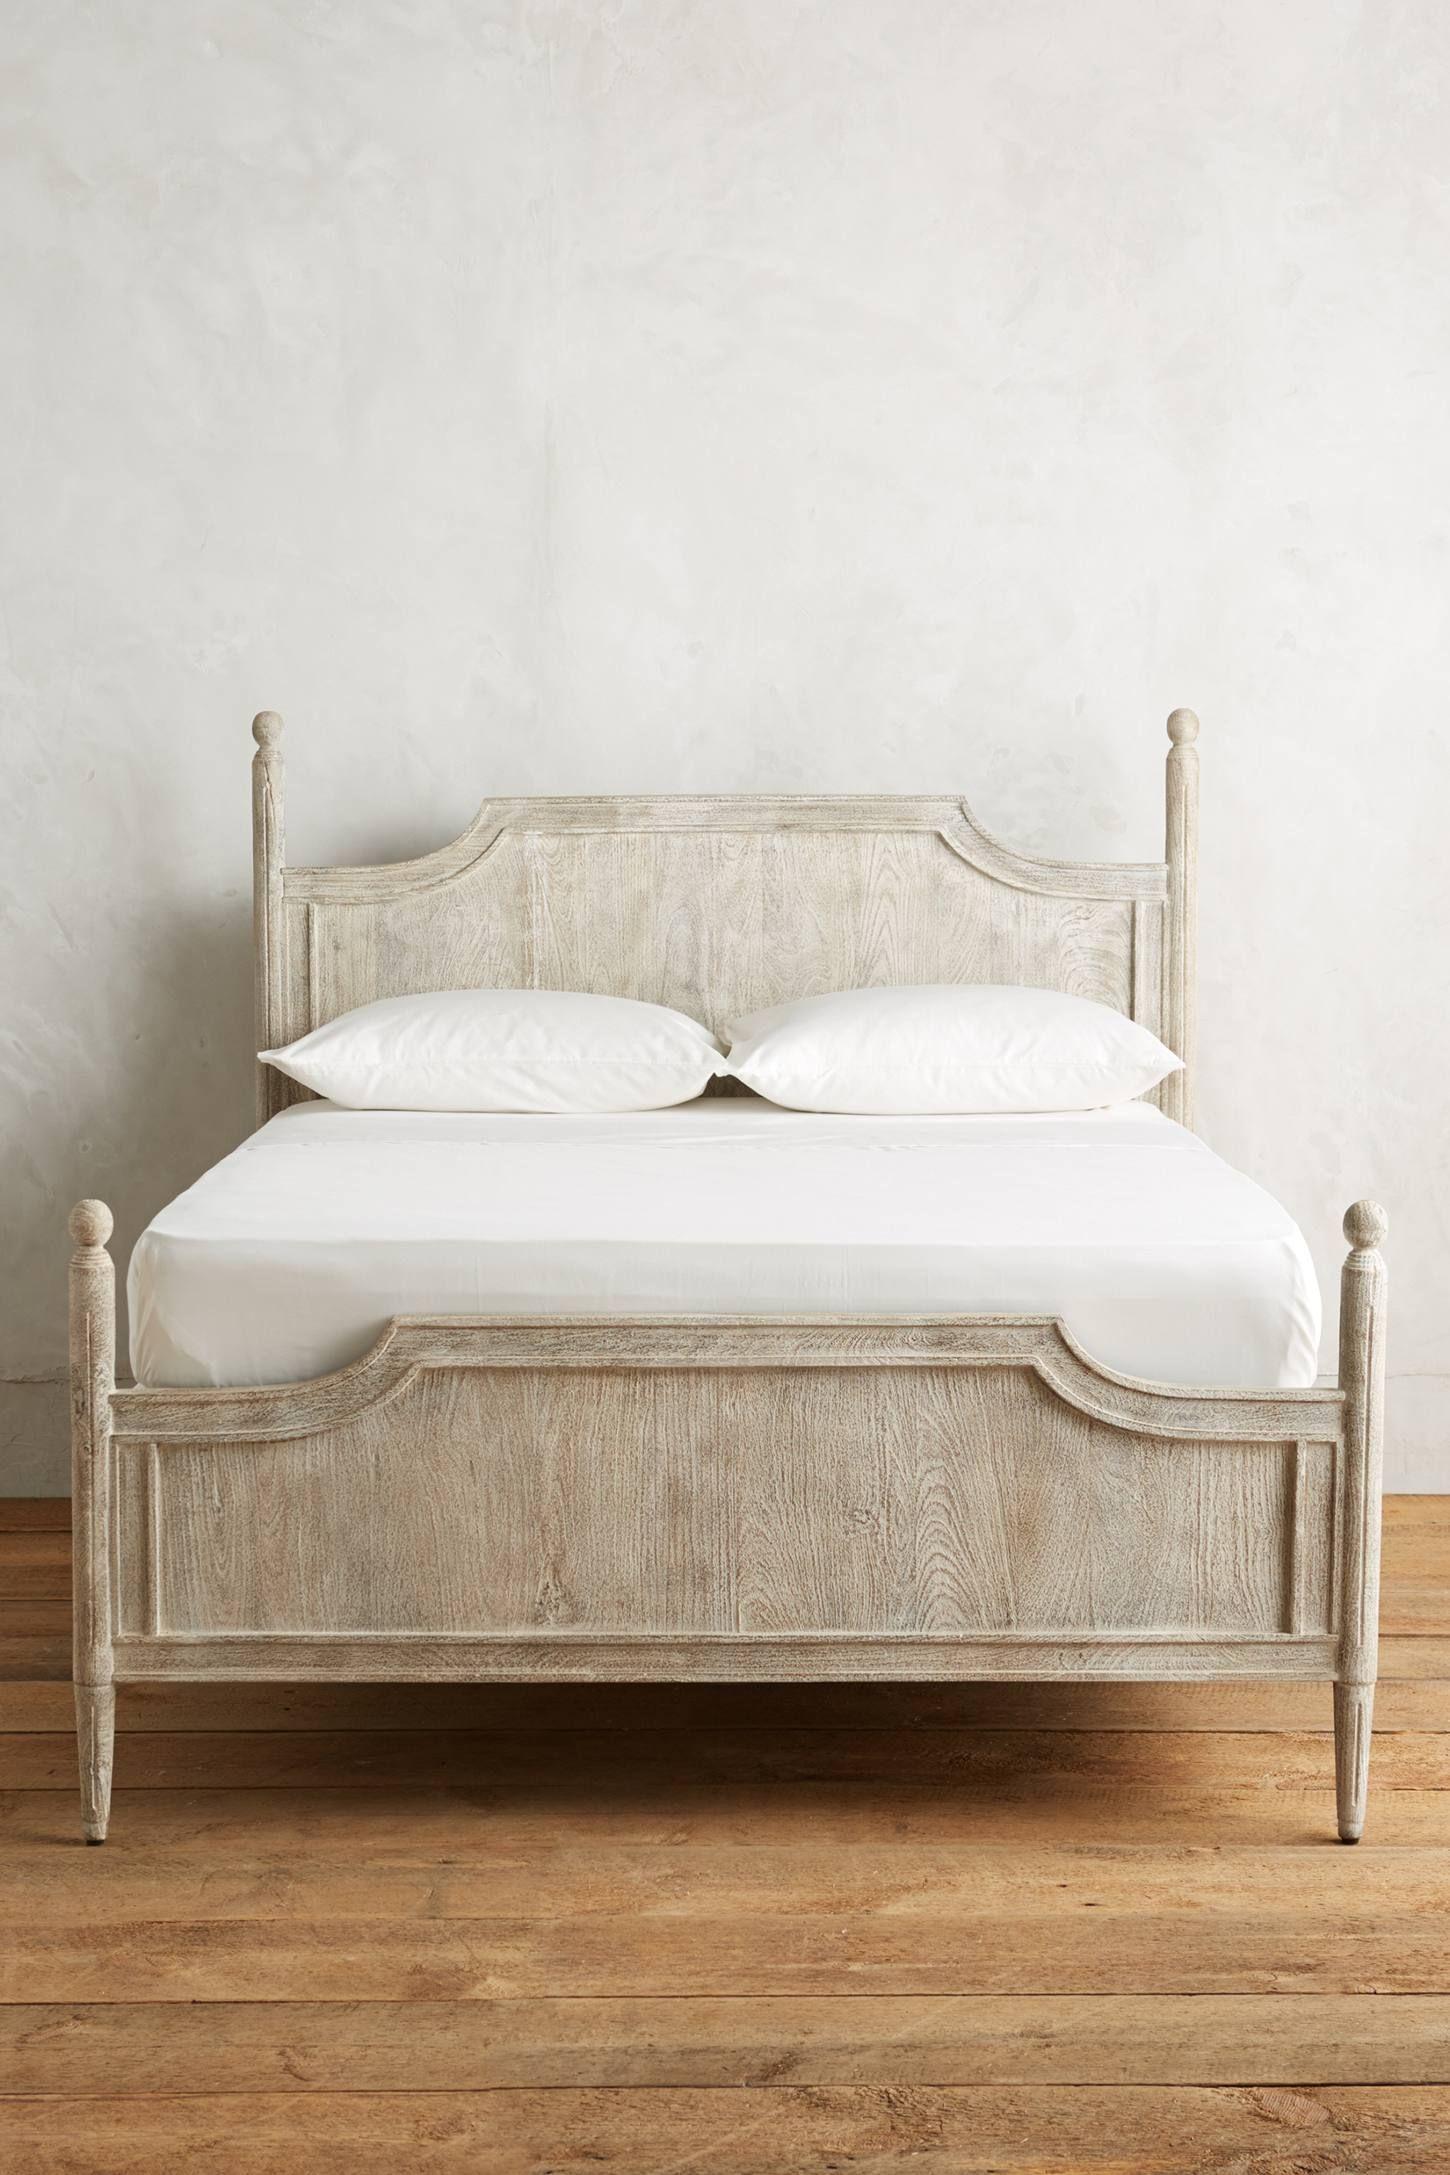 Washed Wood Bed Washed Wood Bed Bed Frame Design Wood Beds